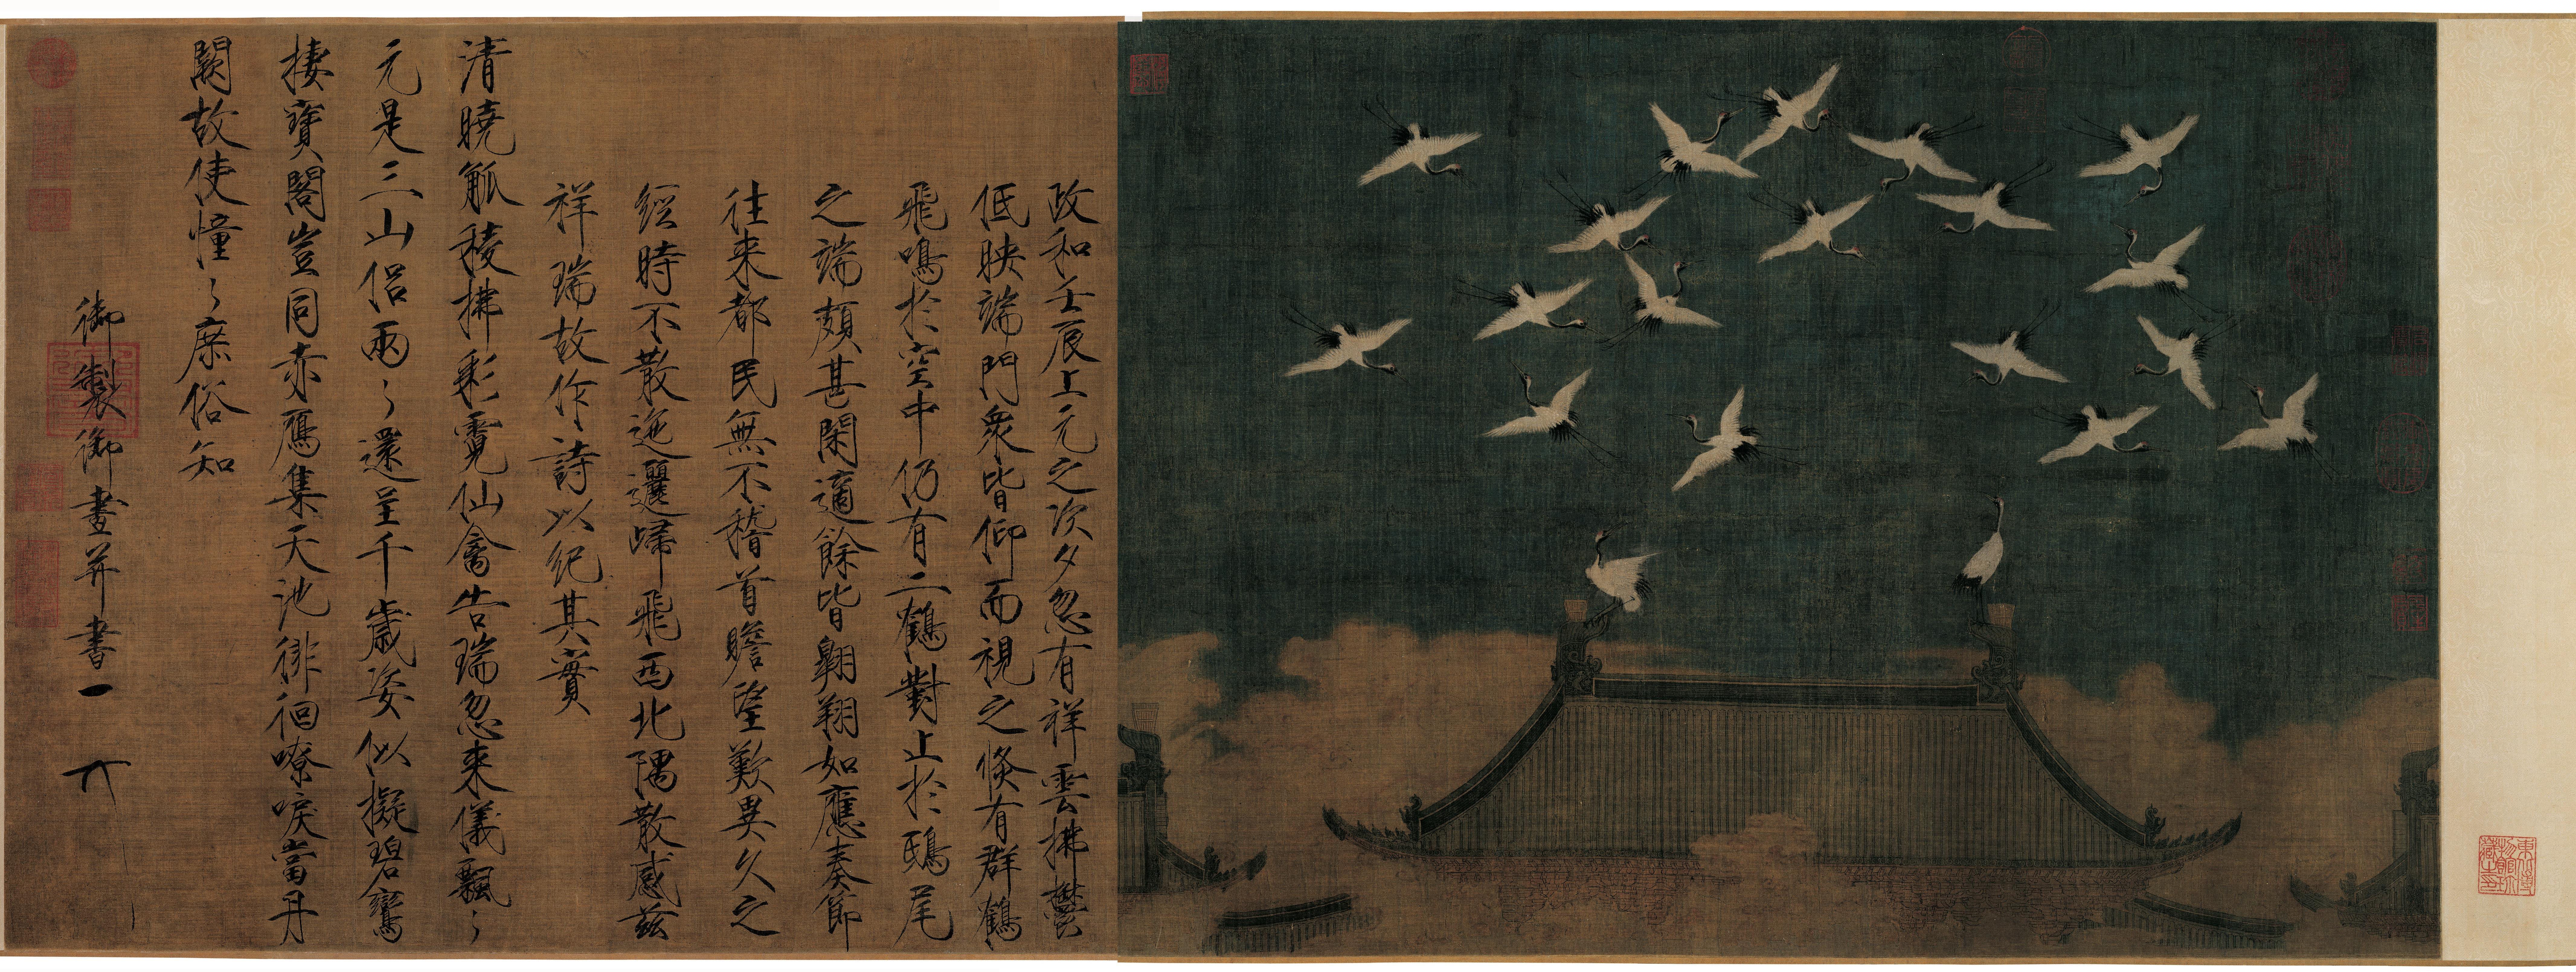 多件國寶級文物亮相「唐宋八大家」主題文物展